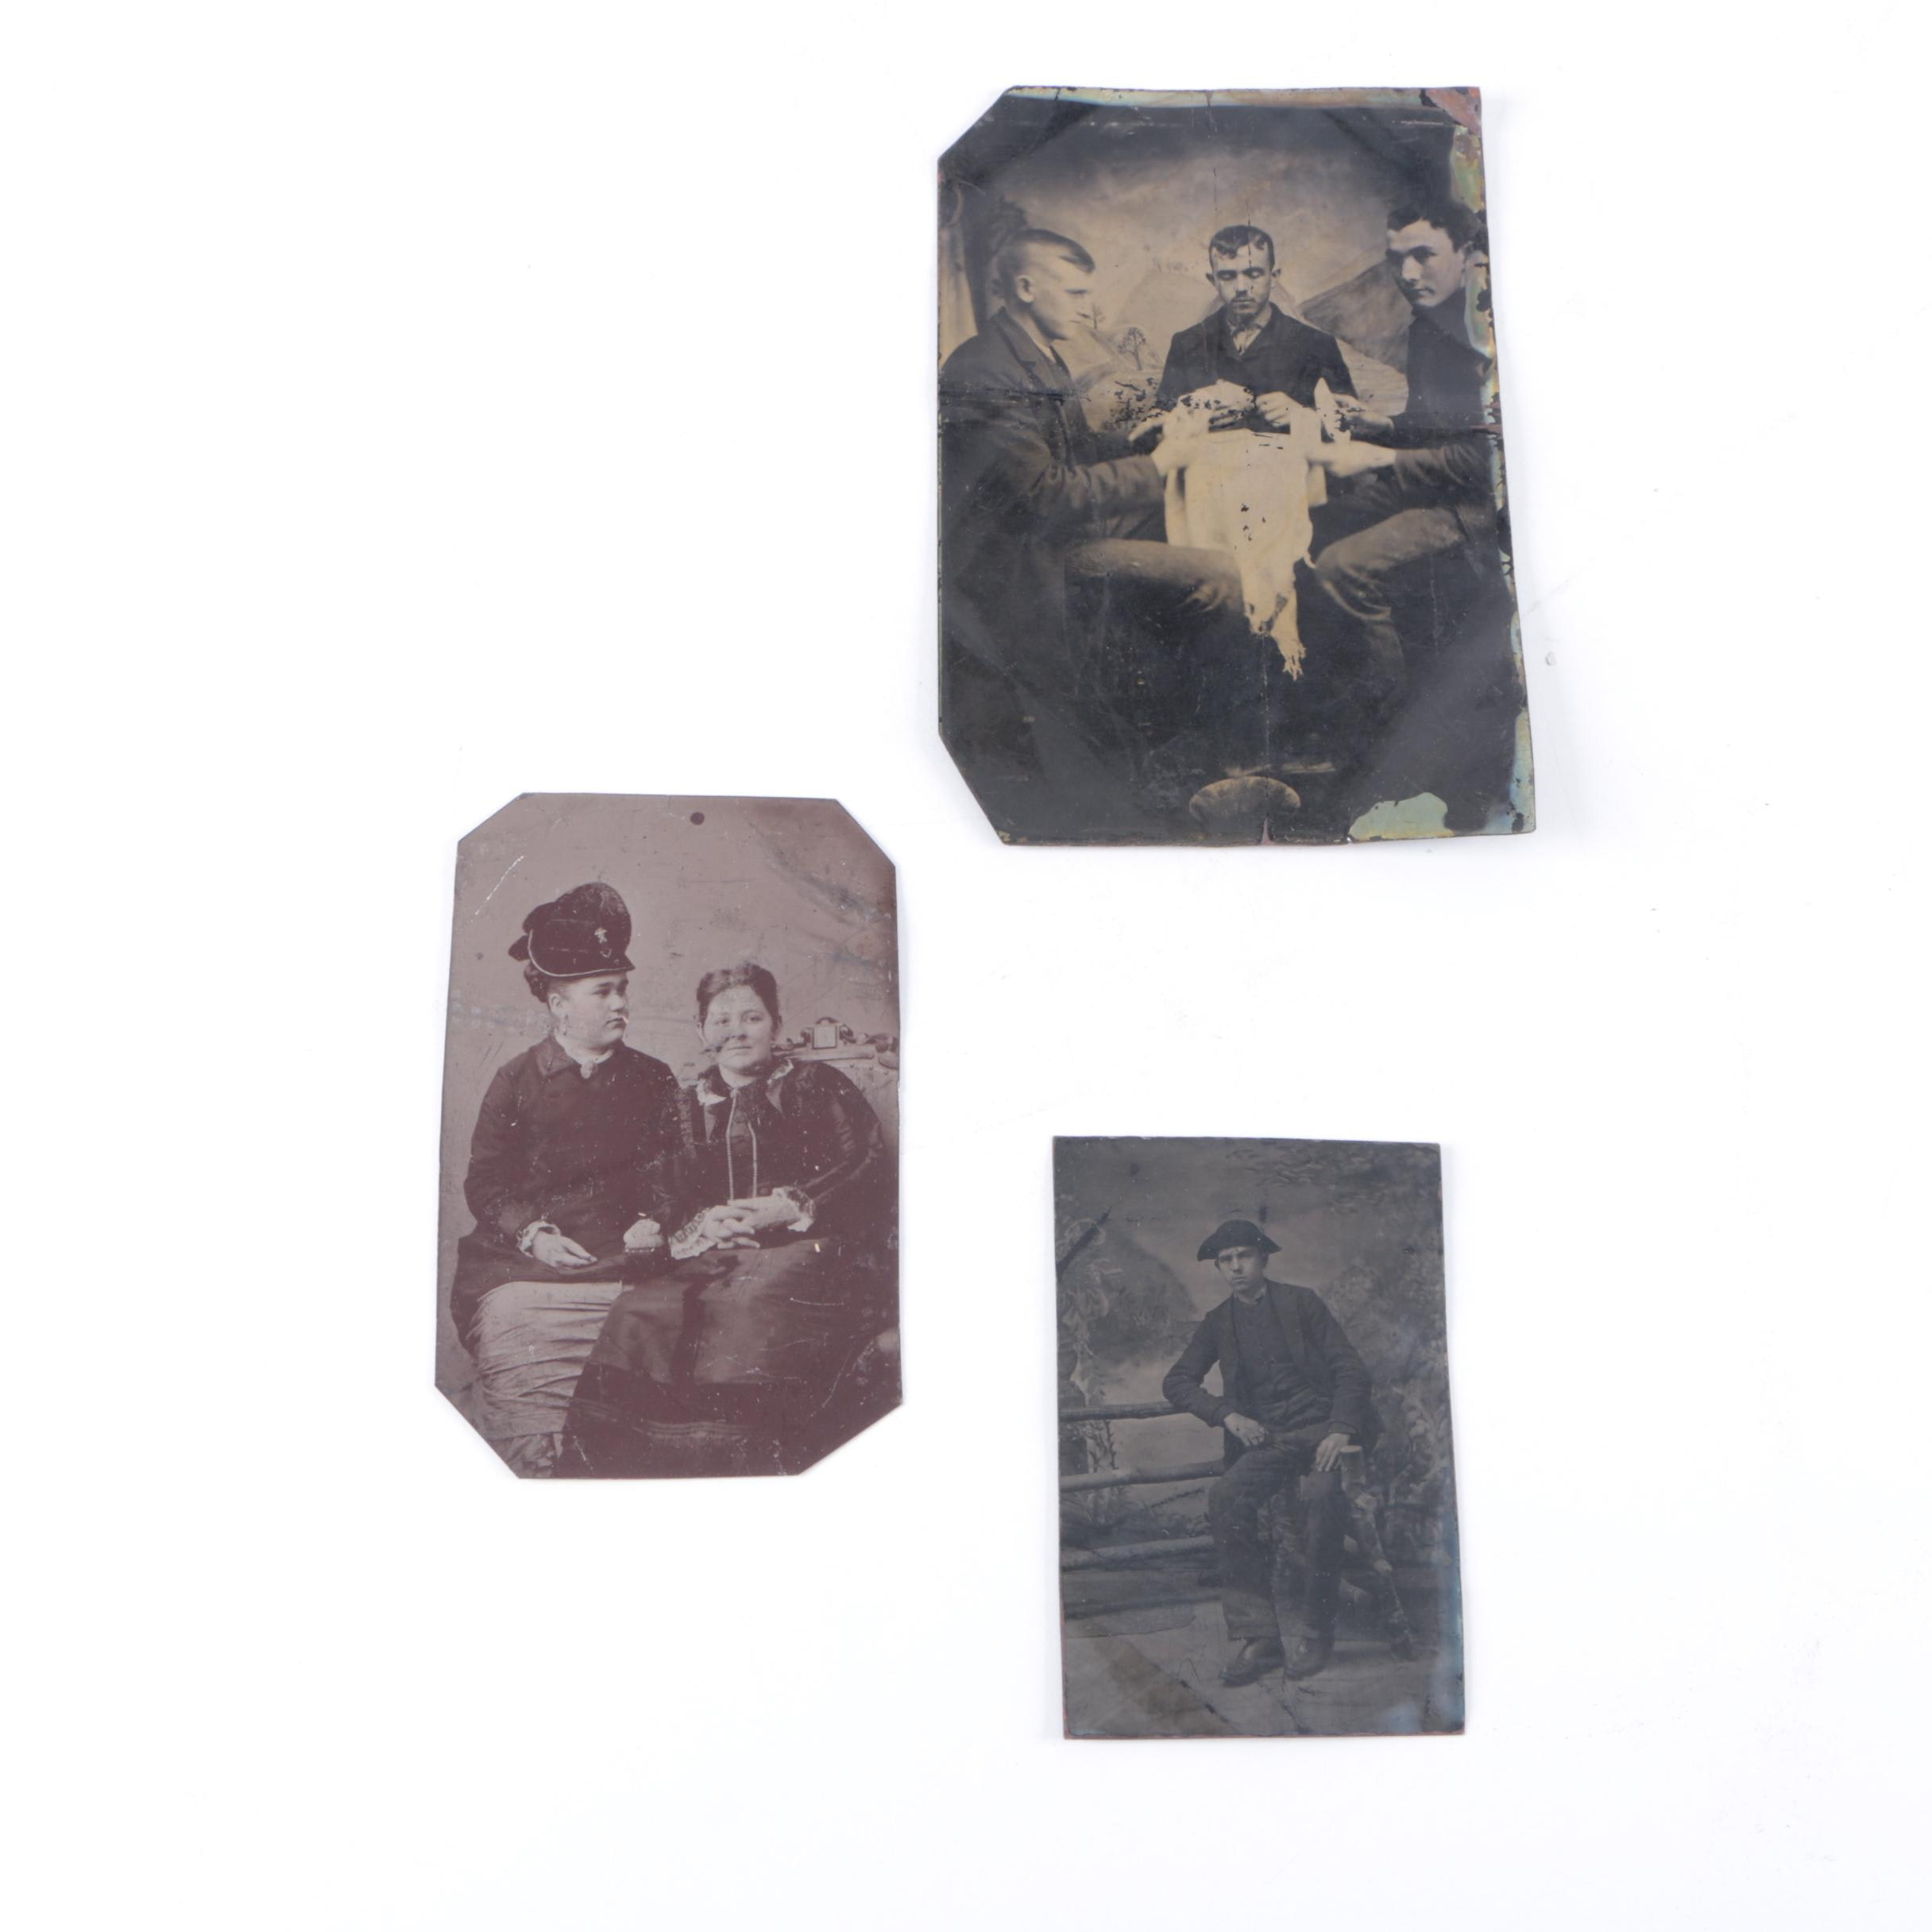 Late 19th Century Tintype Photos